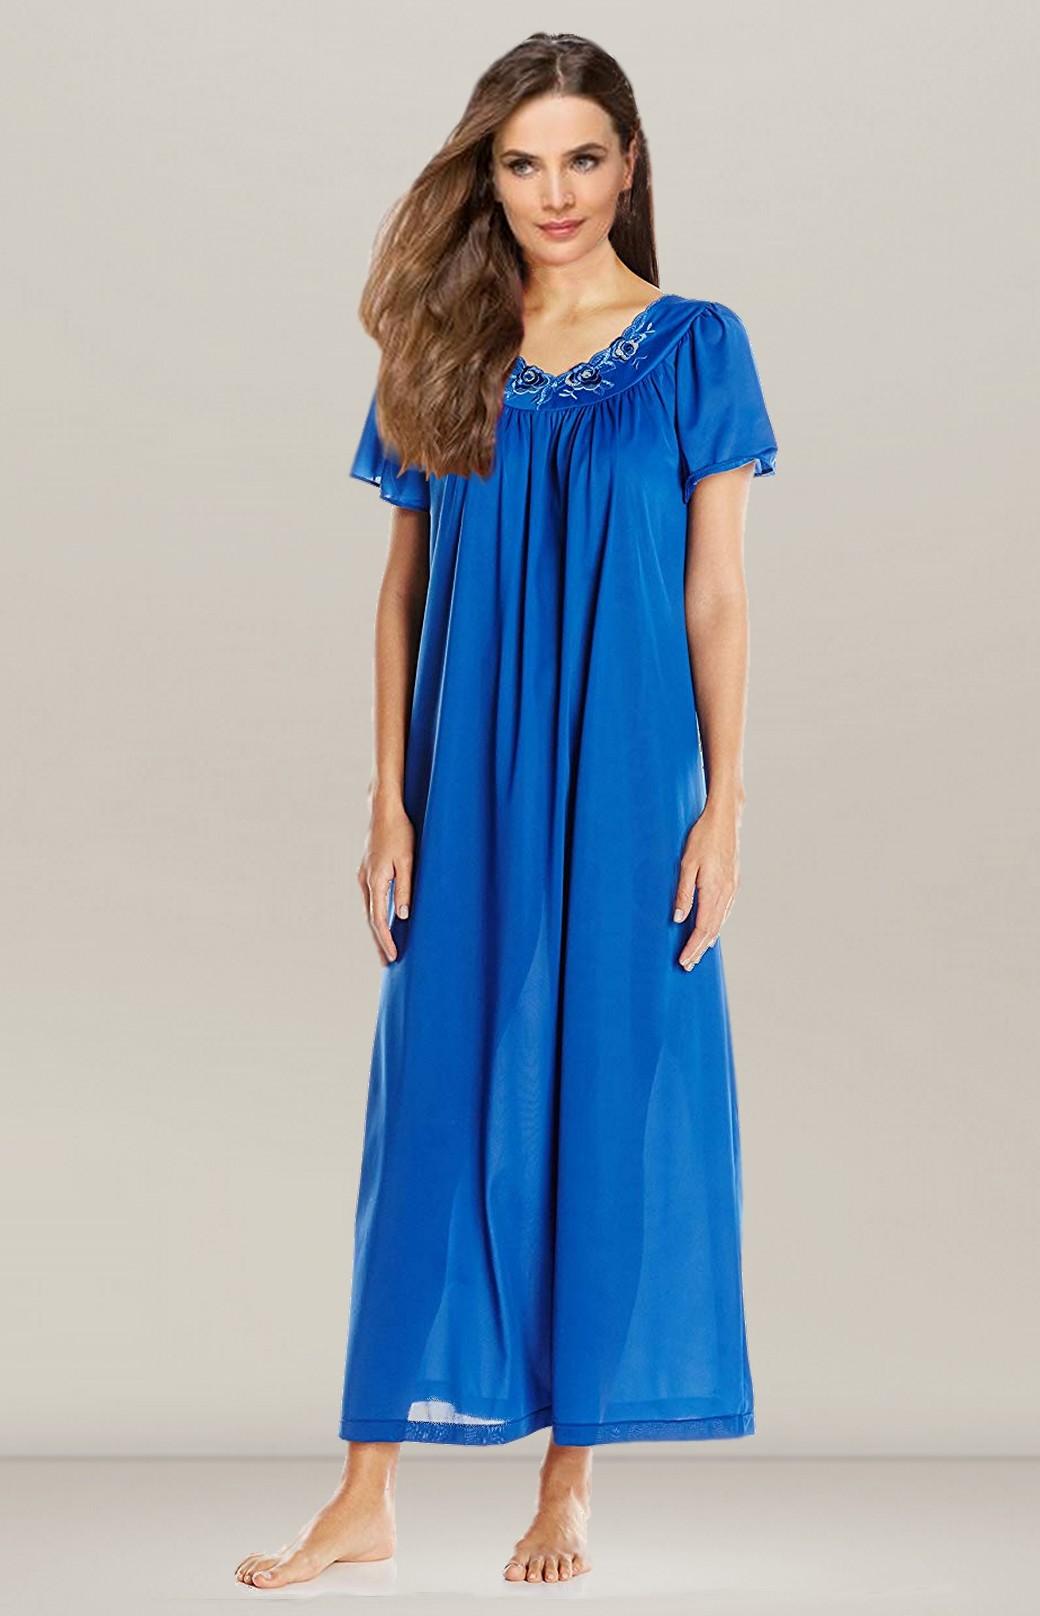 pas cher outlet à vendre haut de gamme véritable Chemise de nuit manches courtes bleu marine Flora